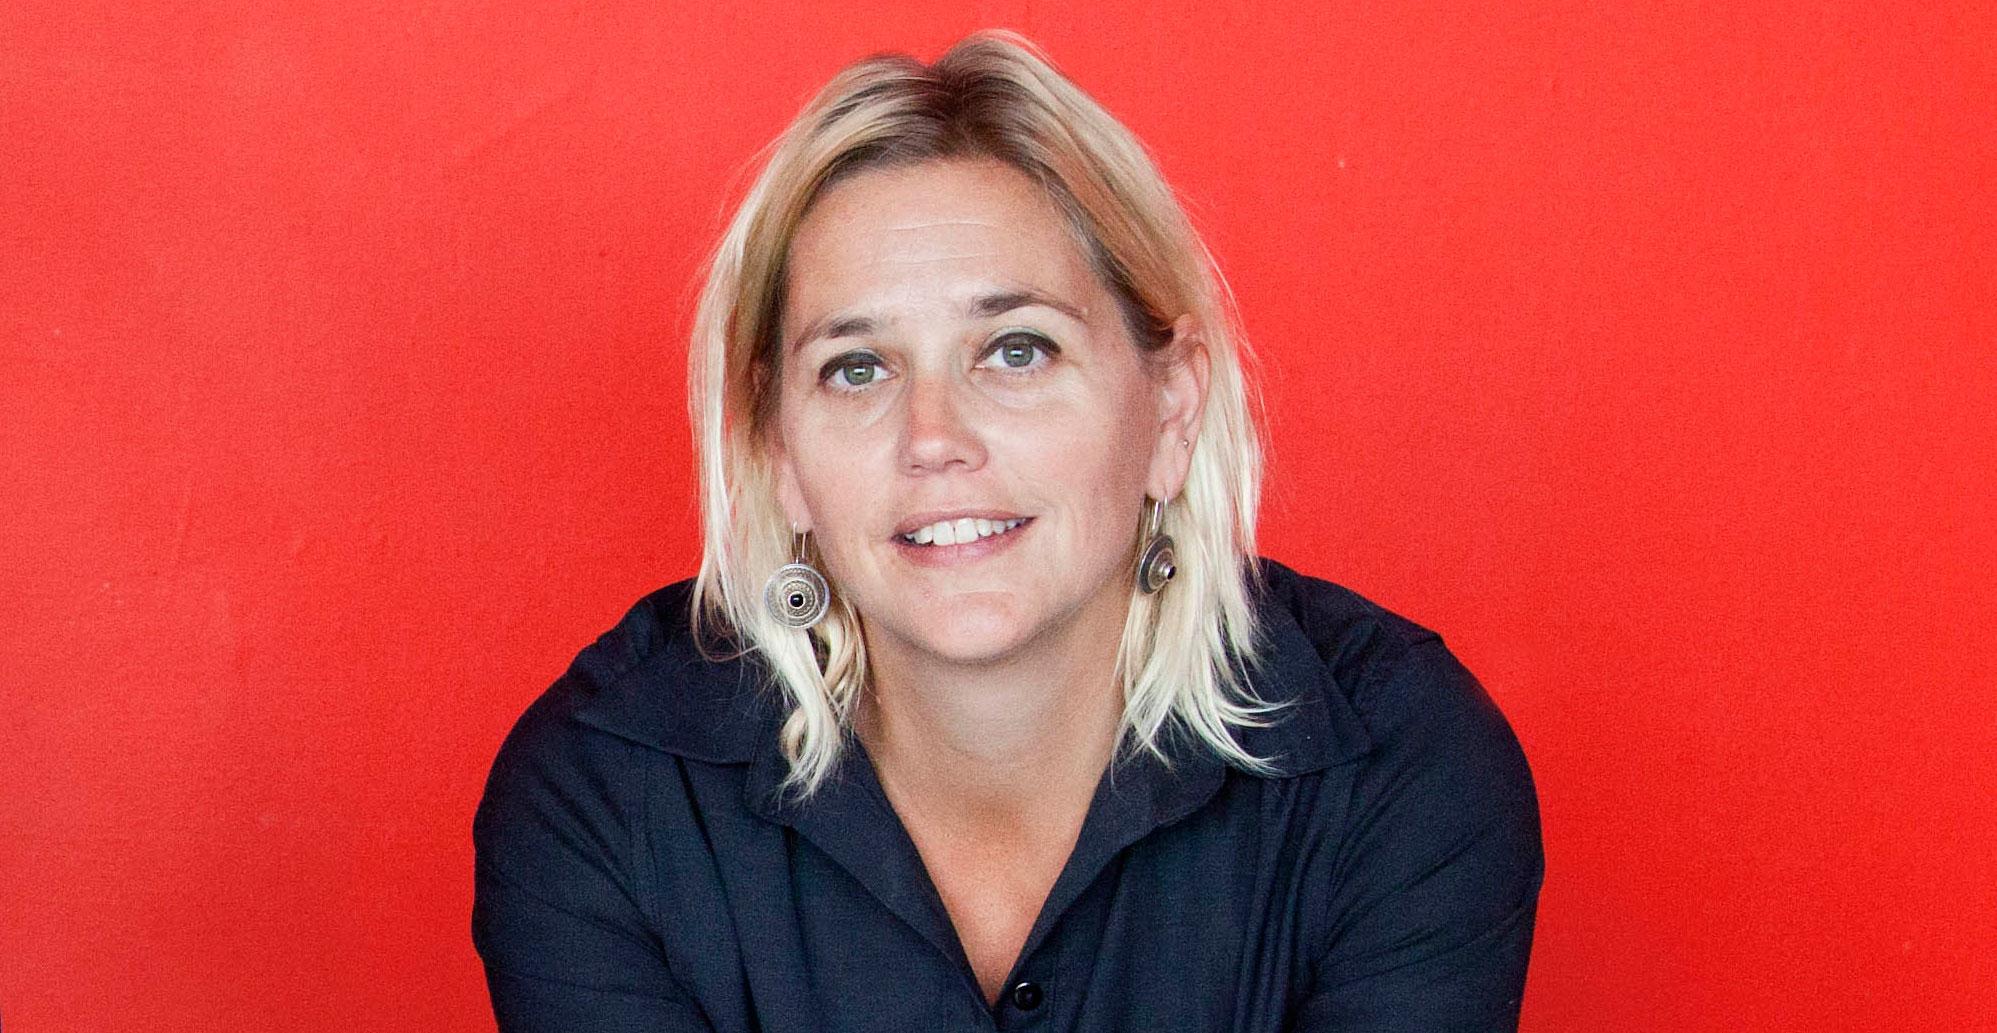 Socrateslezing Stine Jensen: Hoe verder na #metoo?